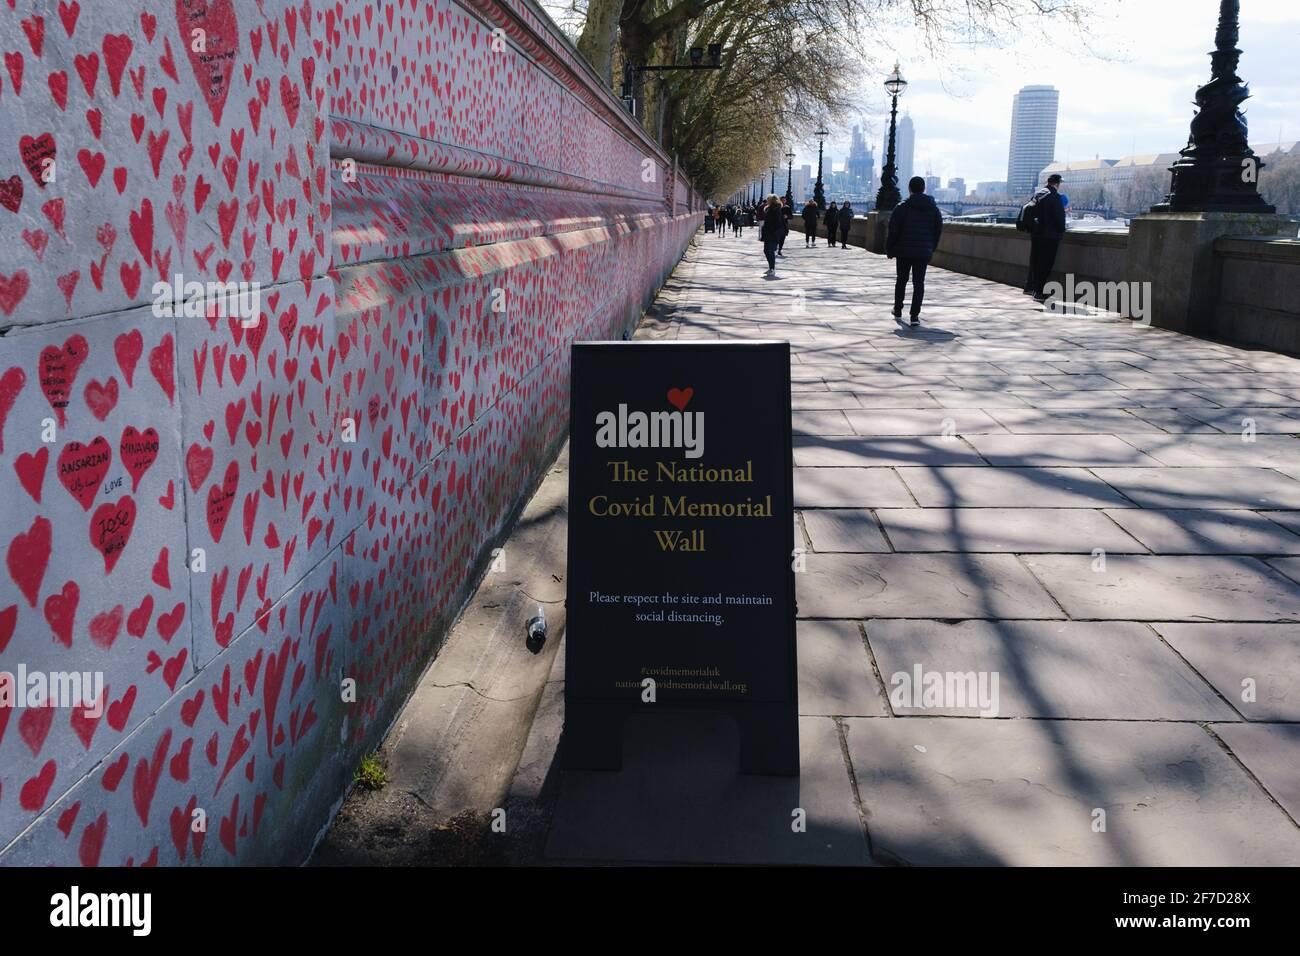 Londres, Reino Unido, abril de 2021. El Muro Conmemorativo Nacional Covid. Casi 150.000 corazones serán pintados por voluntarios, uno por cada víctima Covid-19 en el Reino Unido Foto de stock